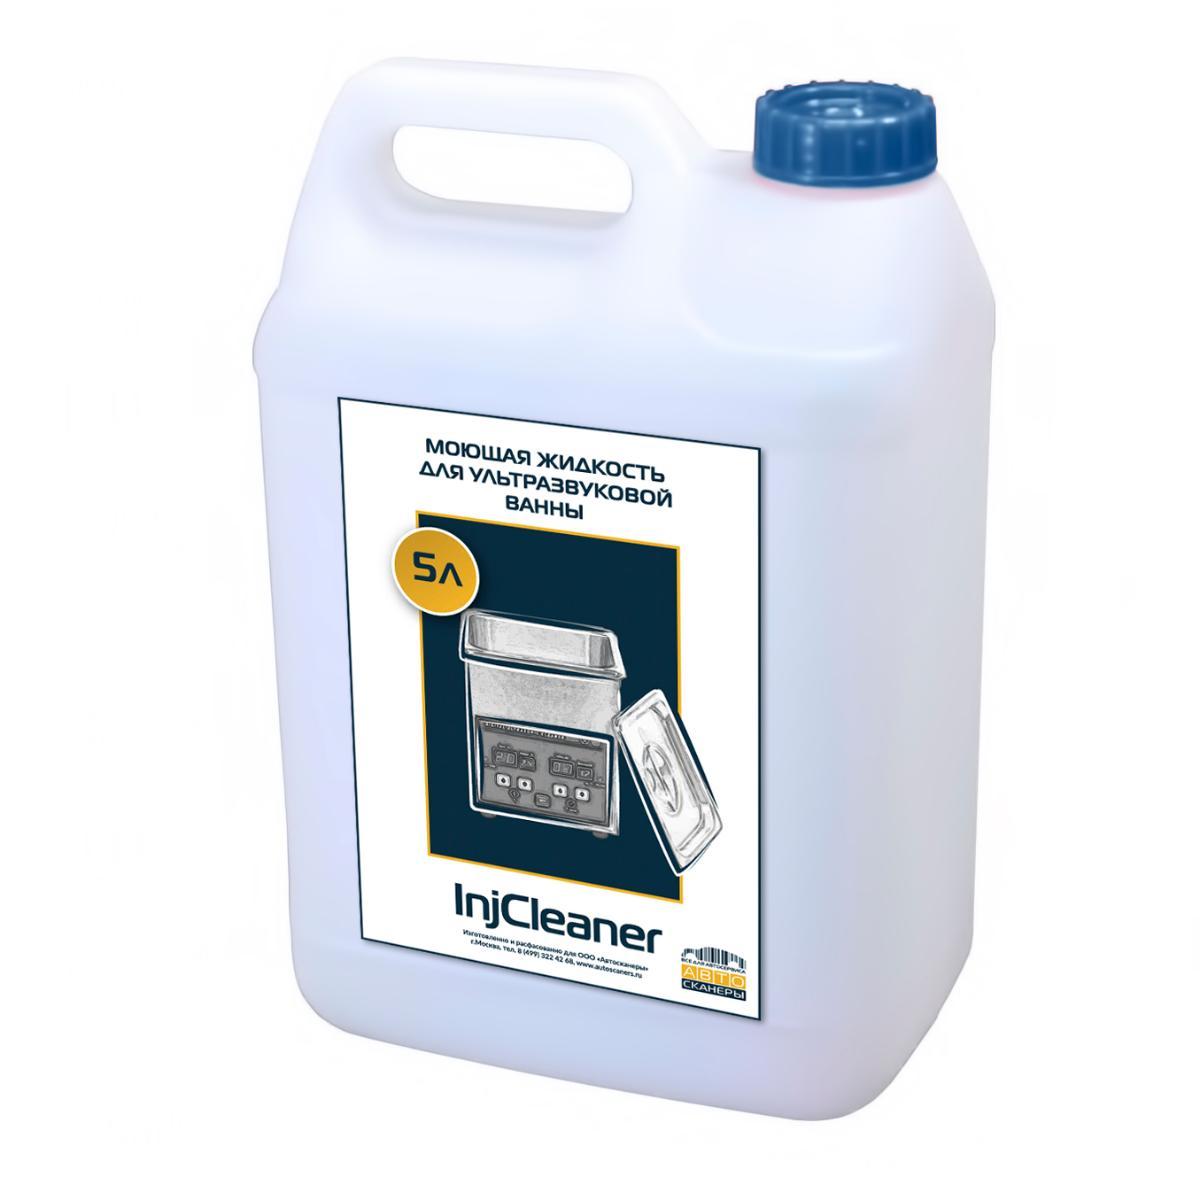 Моющая жидкость для ультразвуковой ванны InjCleaner